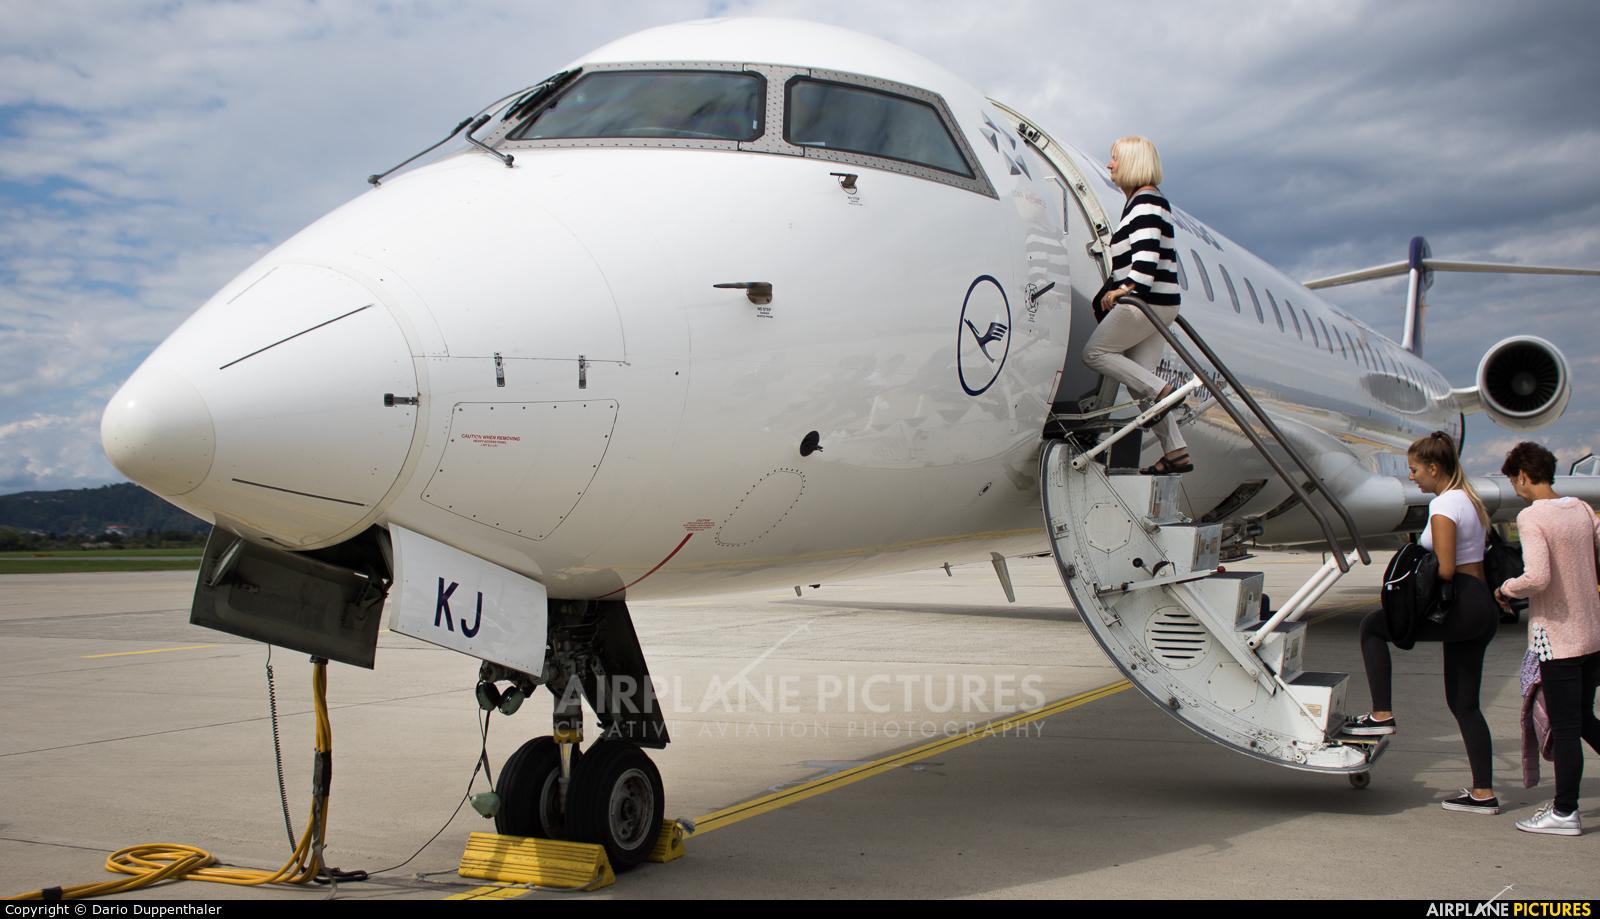 Lufthansa Regional - CityLine D-ACKJ aircraft at Graz